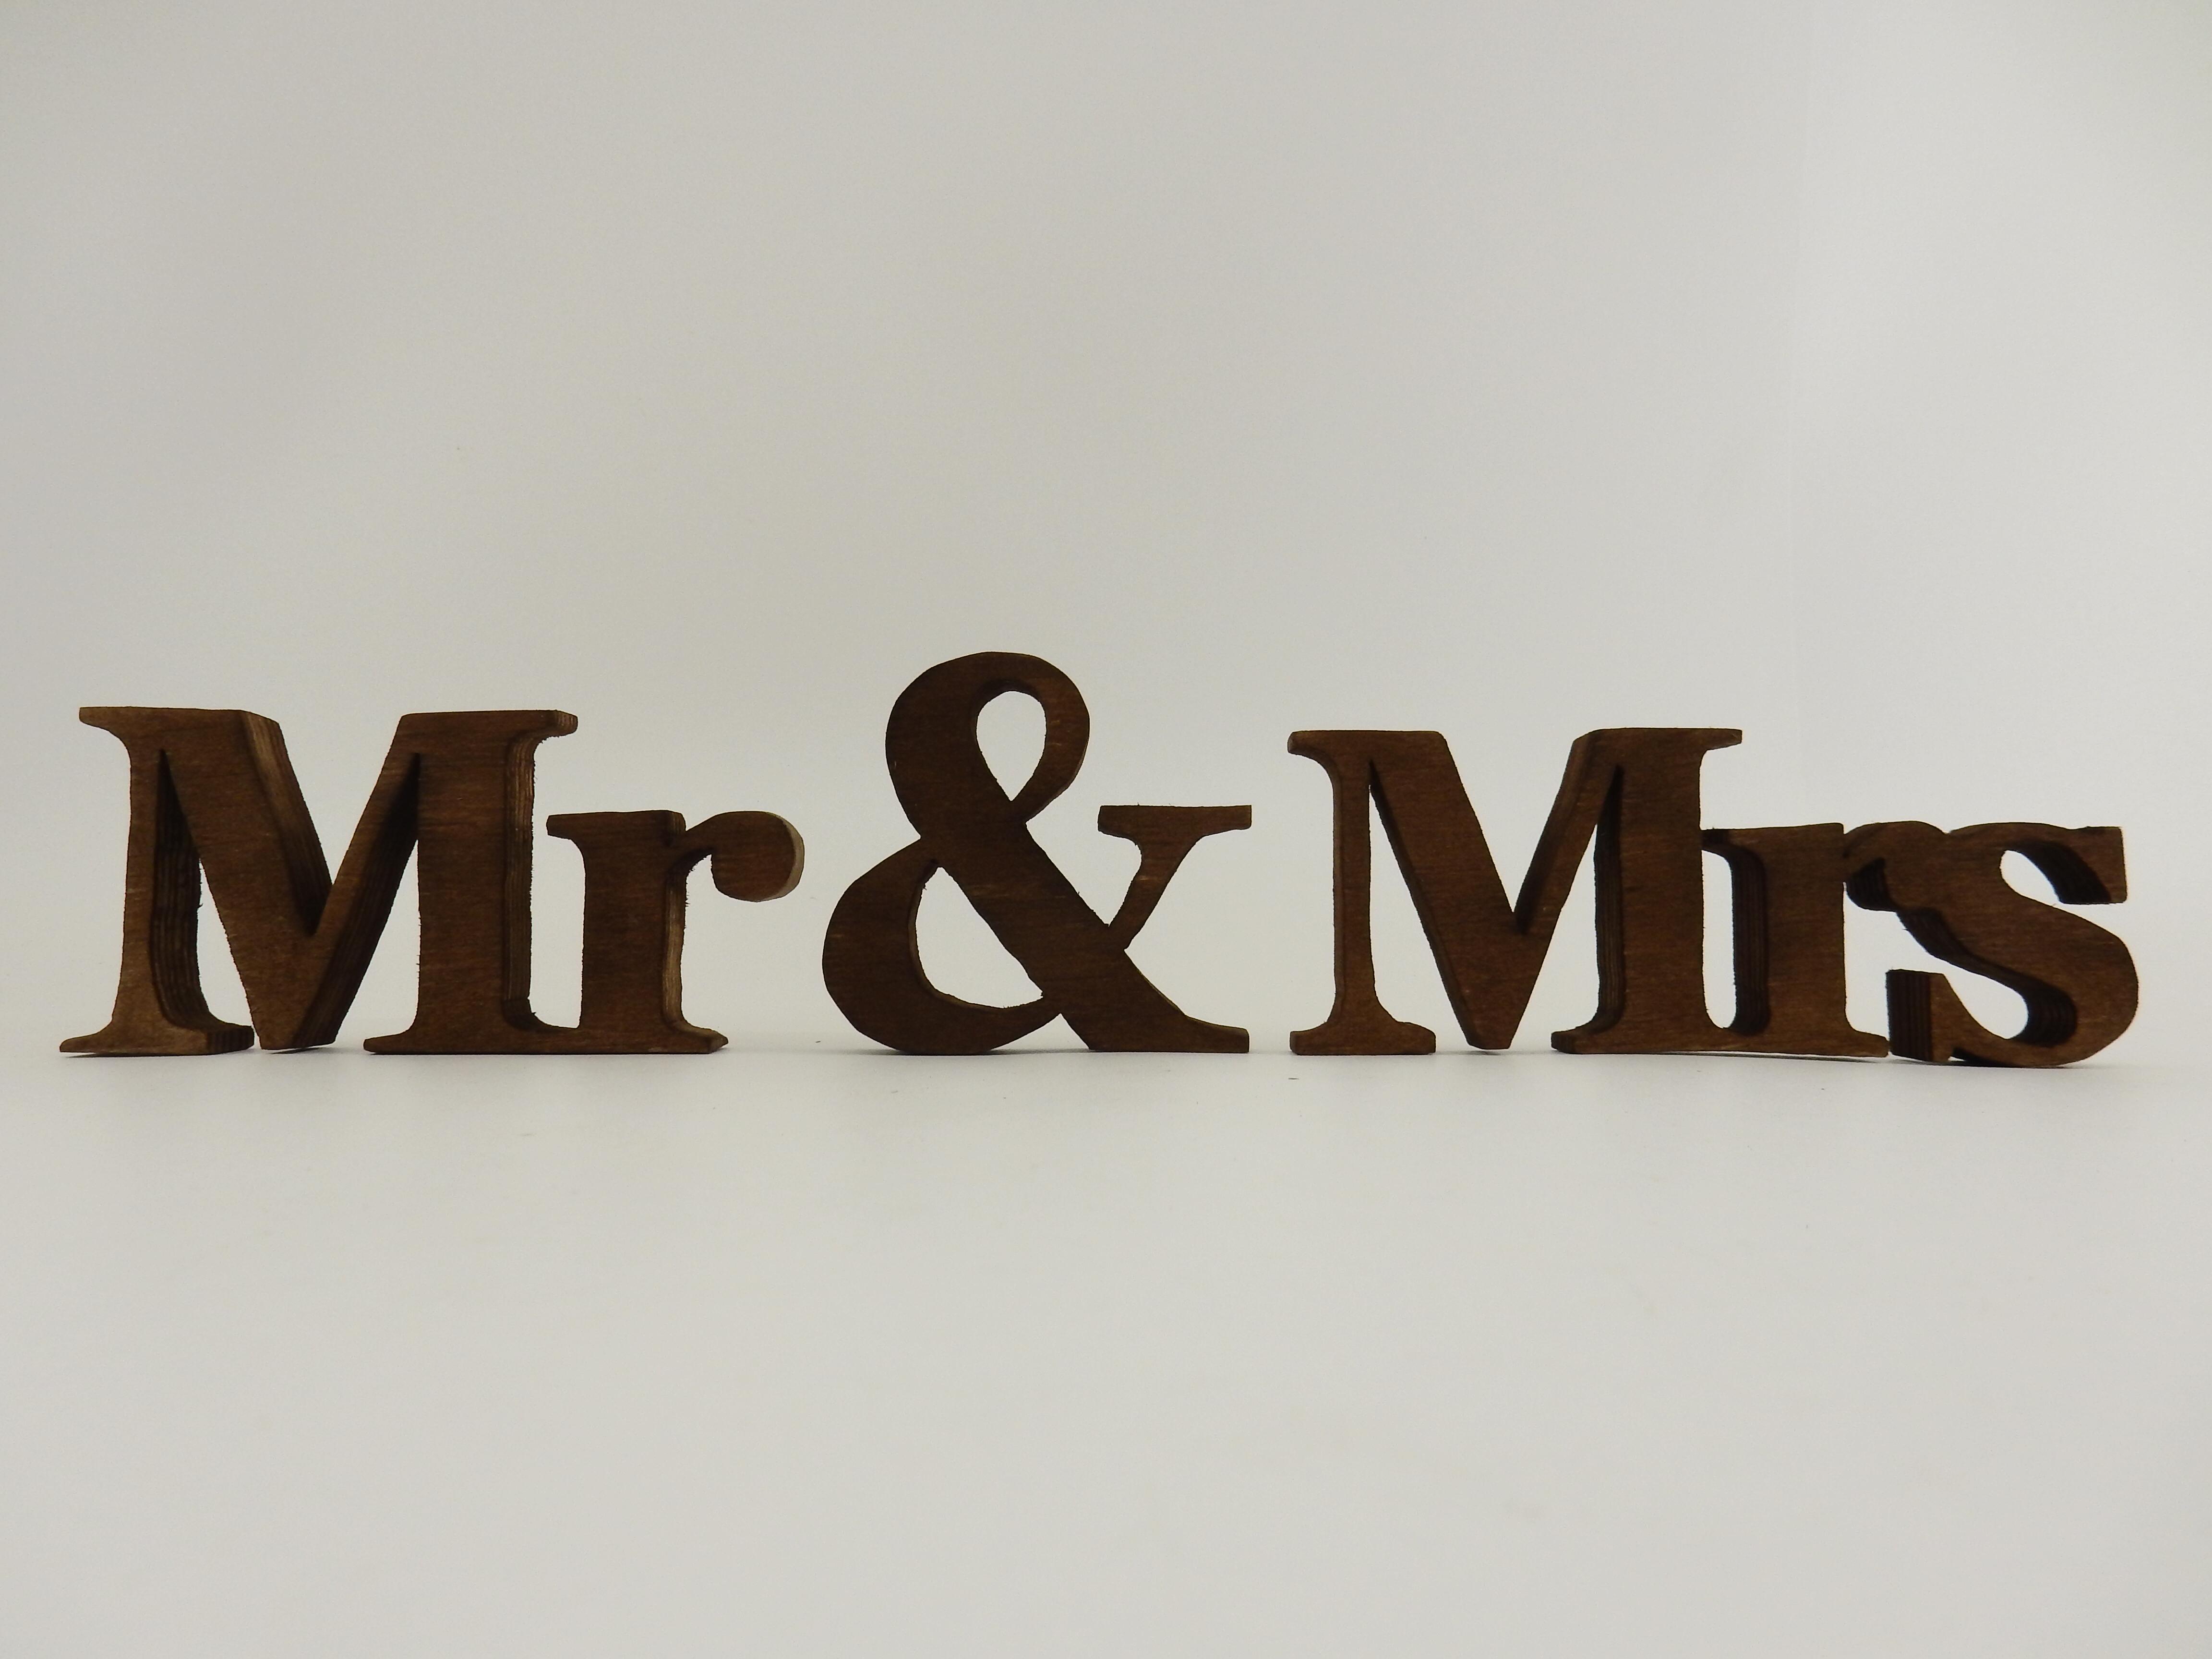 Надпис Mr & Mrs ръчно изработен от брезов шперплат. Идеален като семпъл акцент към декорацията на младоженската маса, надписа би могъл да бъде декор към вашата сватбена фотосесия. Декорация, която ще остане скъп спомен и ще краси вашия дом. Материалът е обработен с байц. Размери- дебелина на буквите: 1,8 см; височина- голяма буква: 6.5см; малка буква: 5.8см. Дължина- Mr: 13 см; Mrs : 17 см. Знак & - 8.5 x 8.7 см.